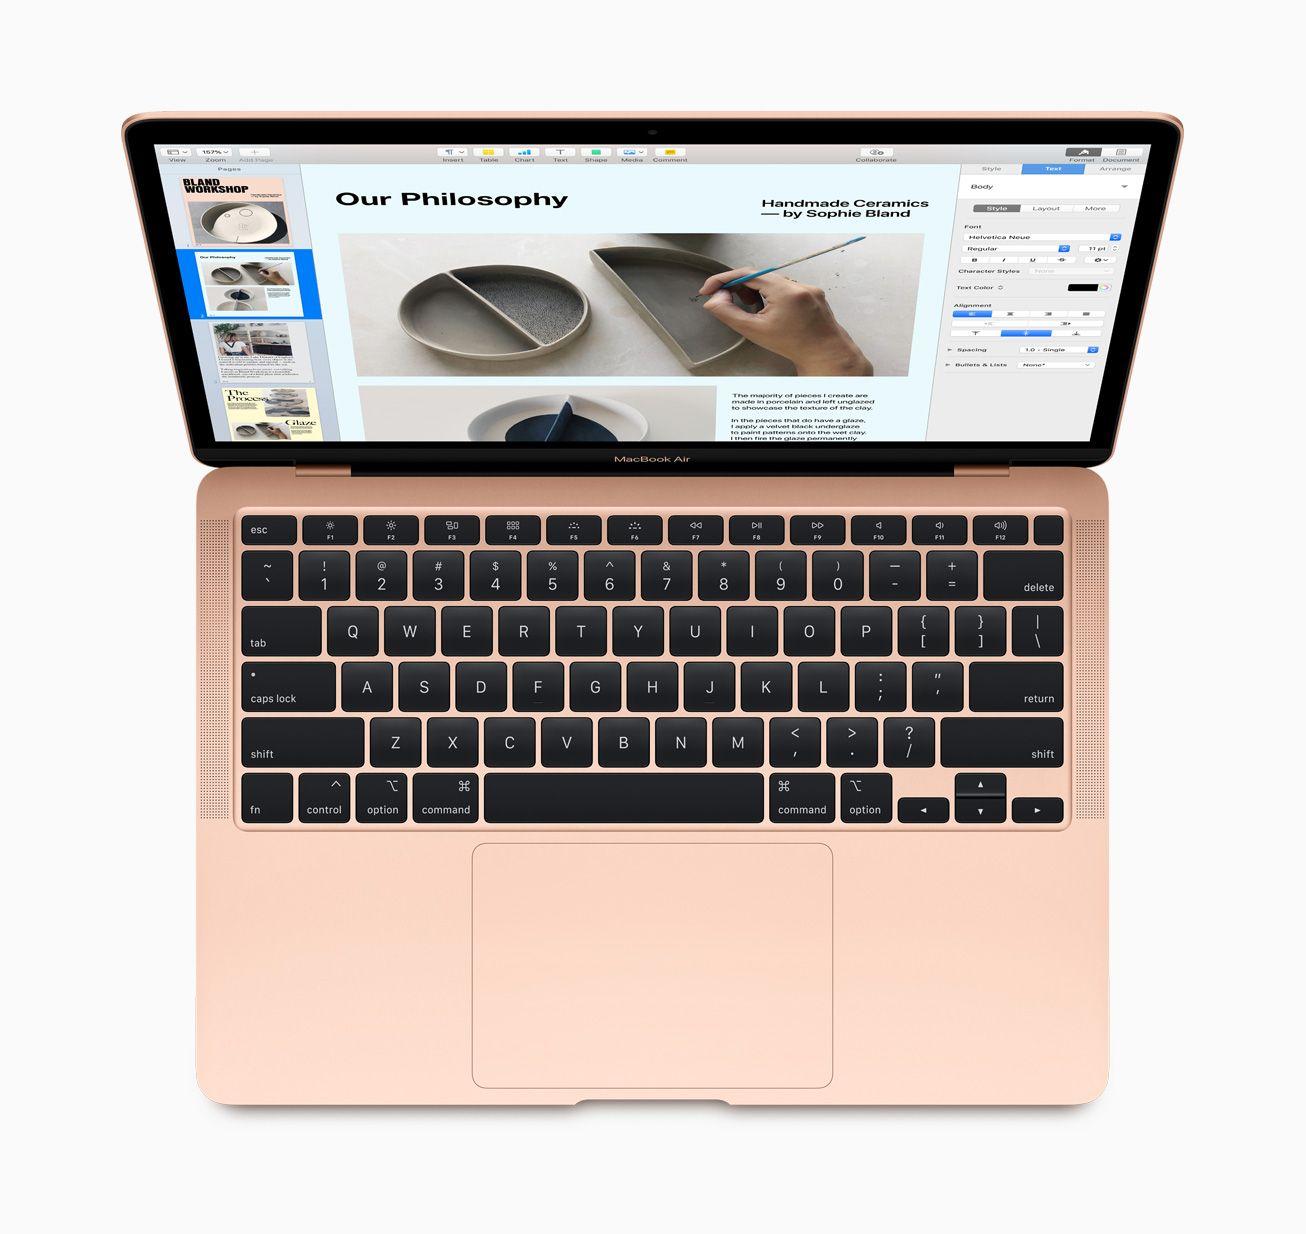 MacBook Air får Apples nye tastatur med «saksemekanismer». Vi testet det nylig på 16-tommers MacBook Pro og likte det veldig godt.